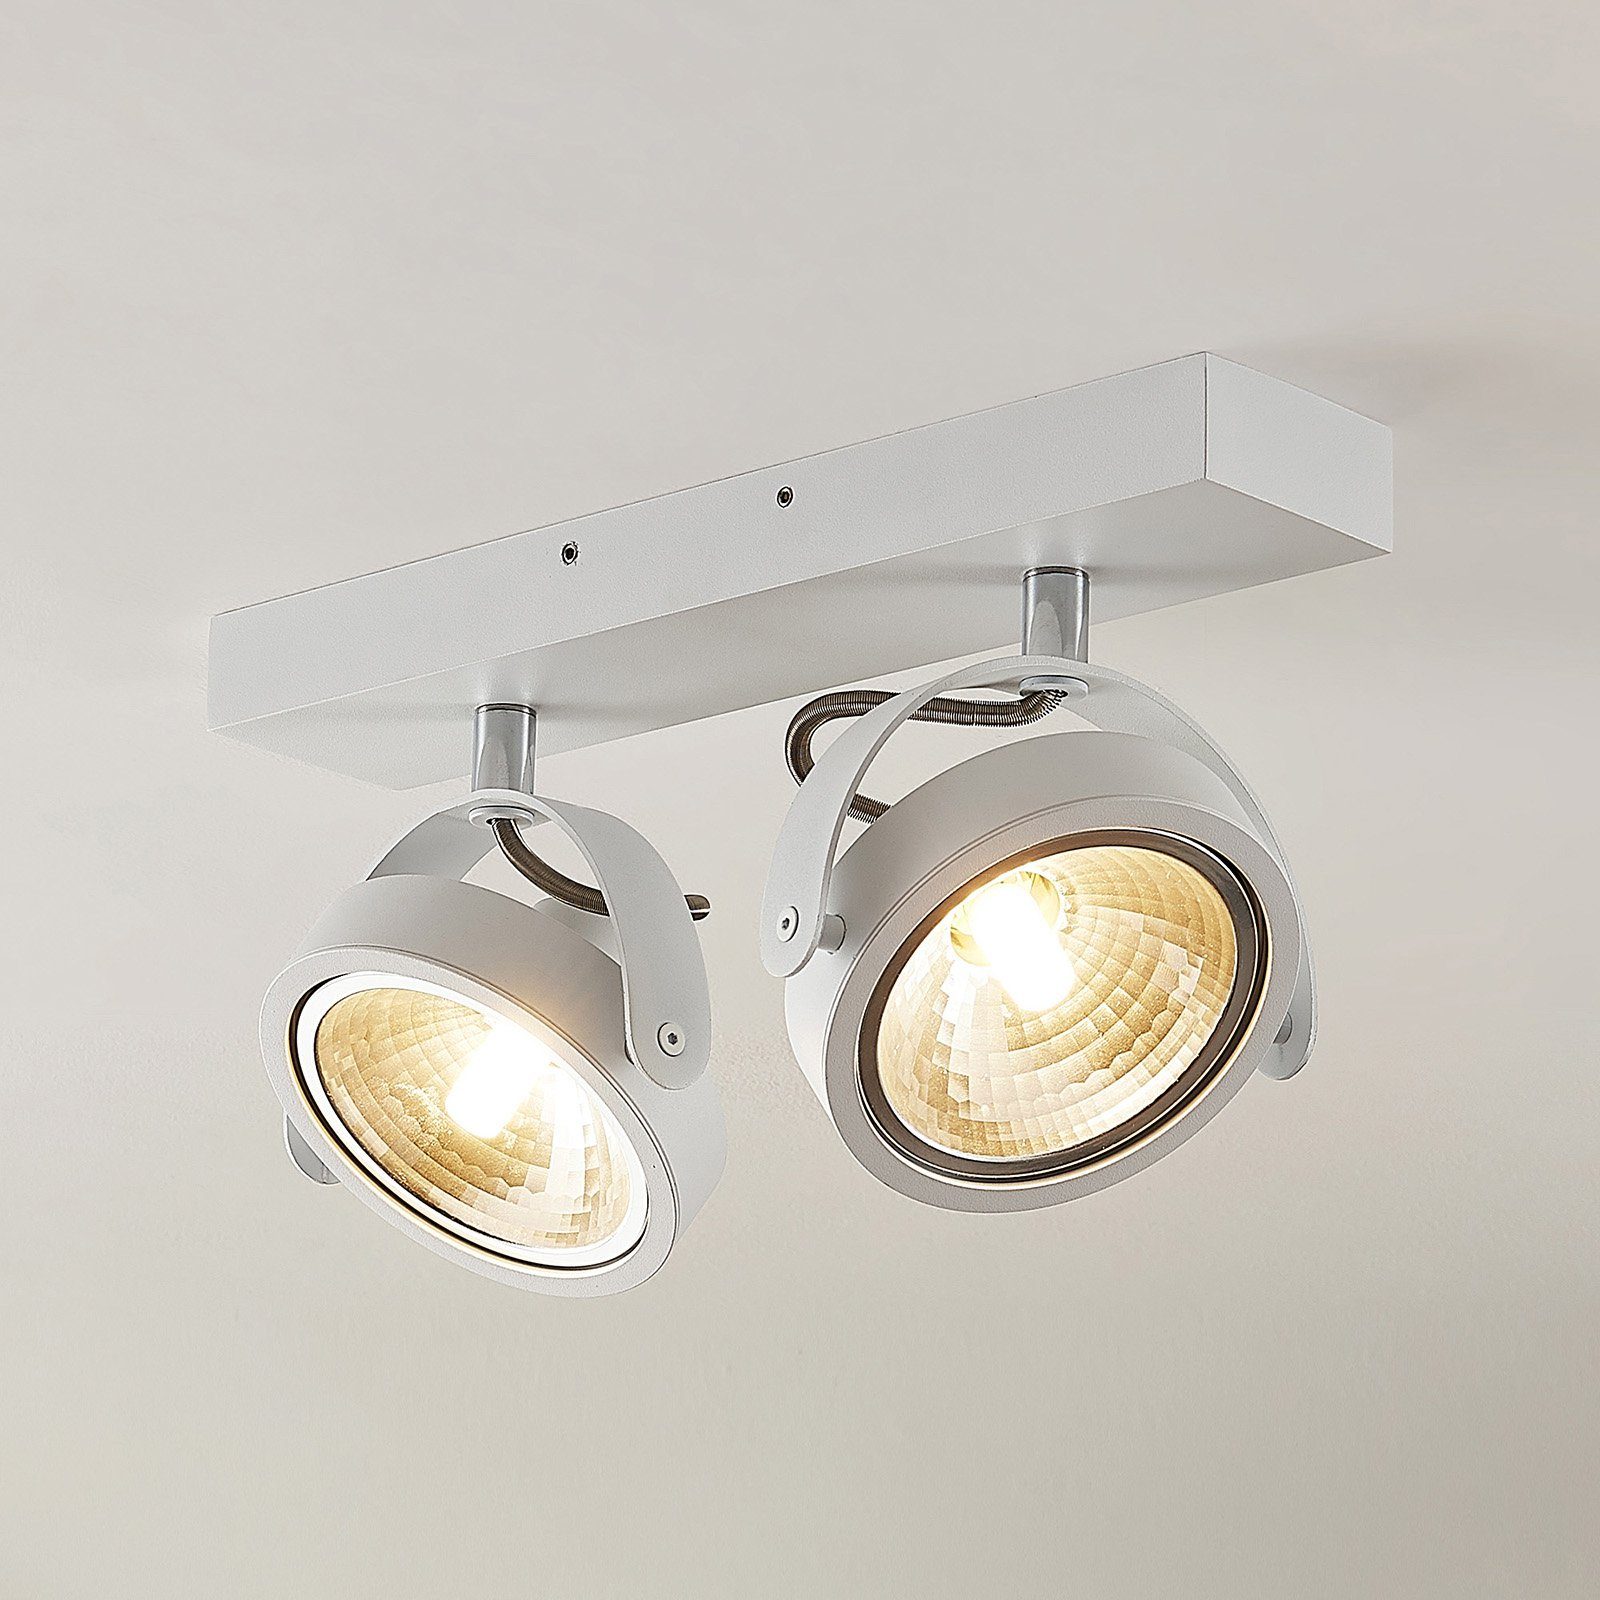 ELC Mitella takspot, 2 lyskilder, hvit